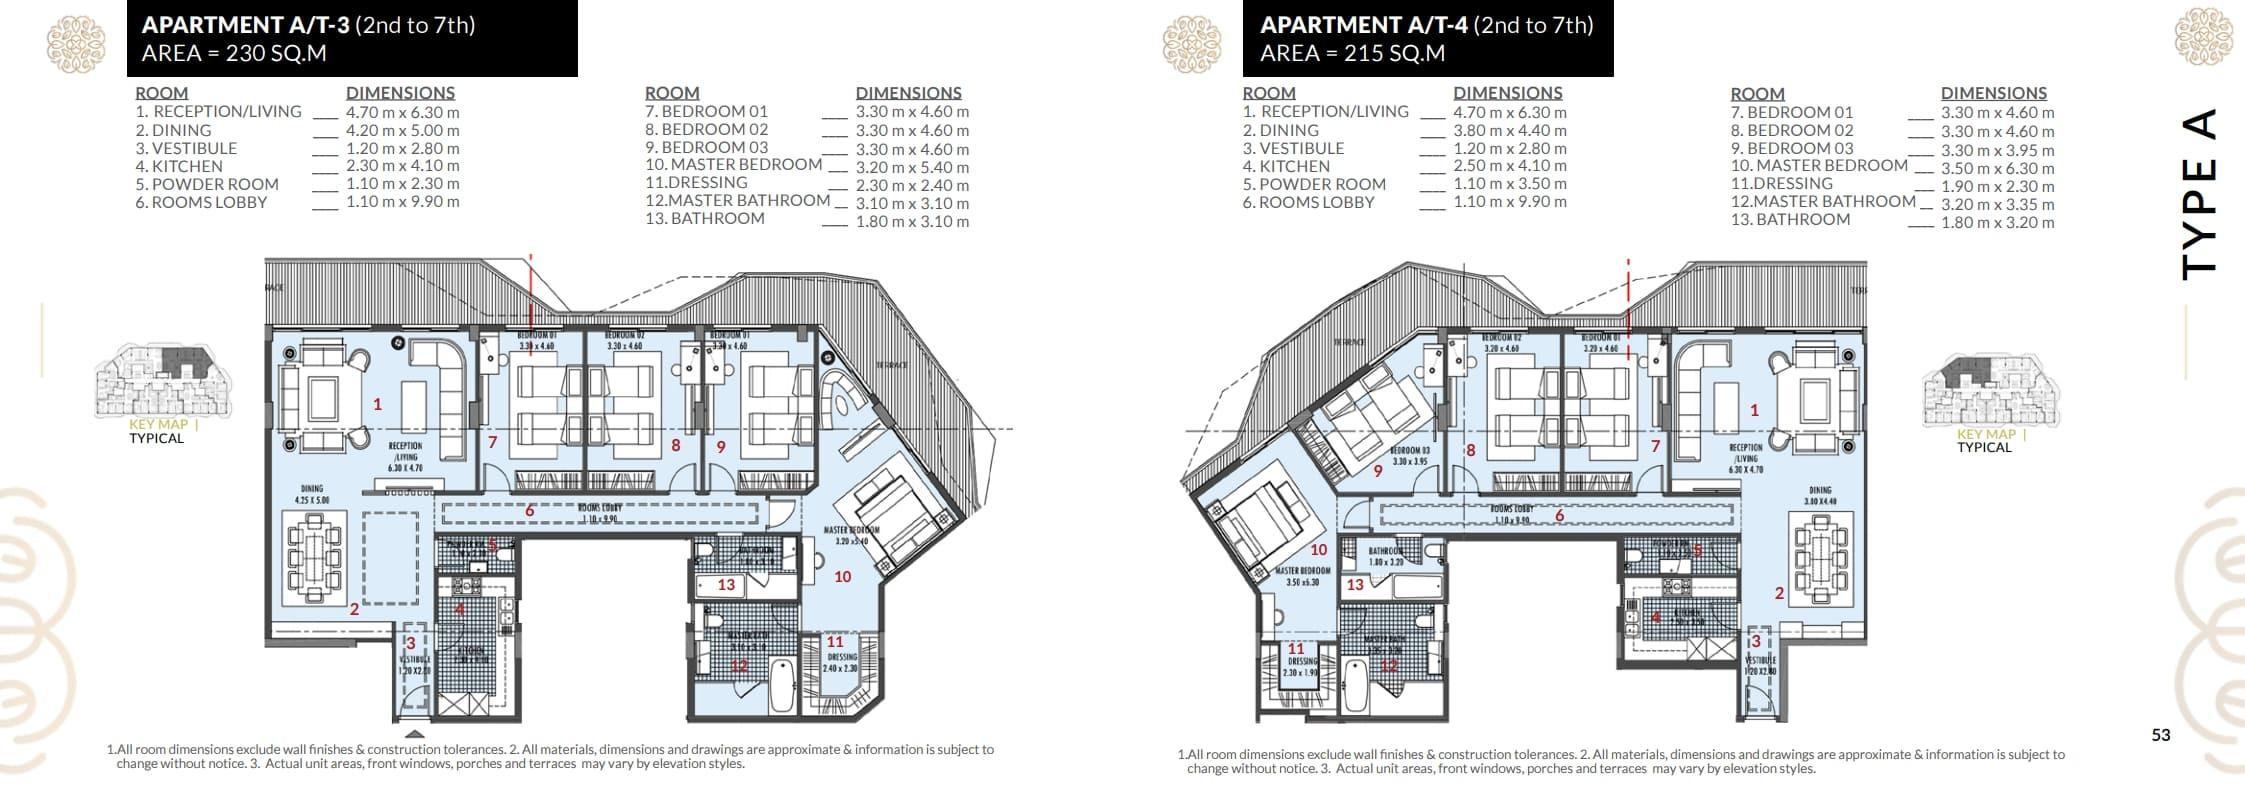 شقة دوبلكس230م للبيع بكمبوند روزس العاصمة الاداريه باقساط تصل ل9سنوات